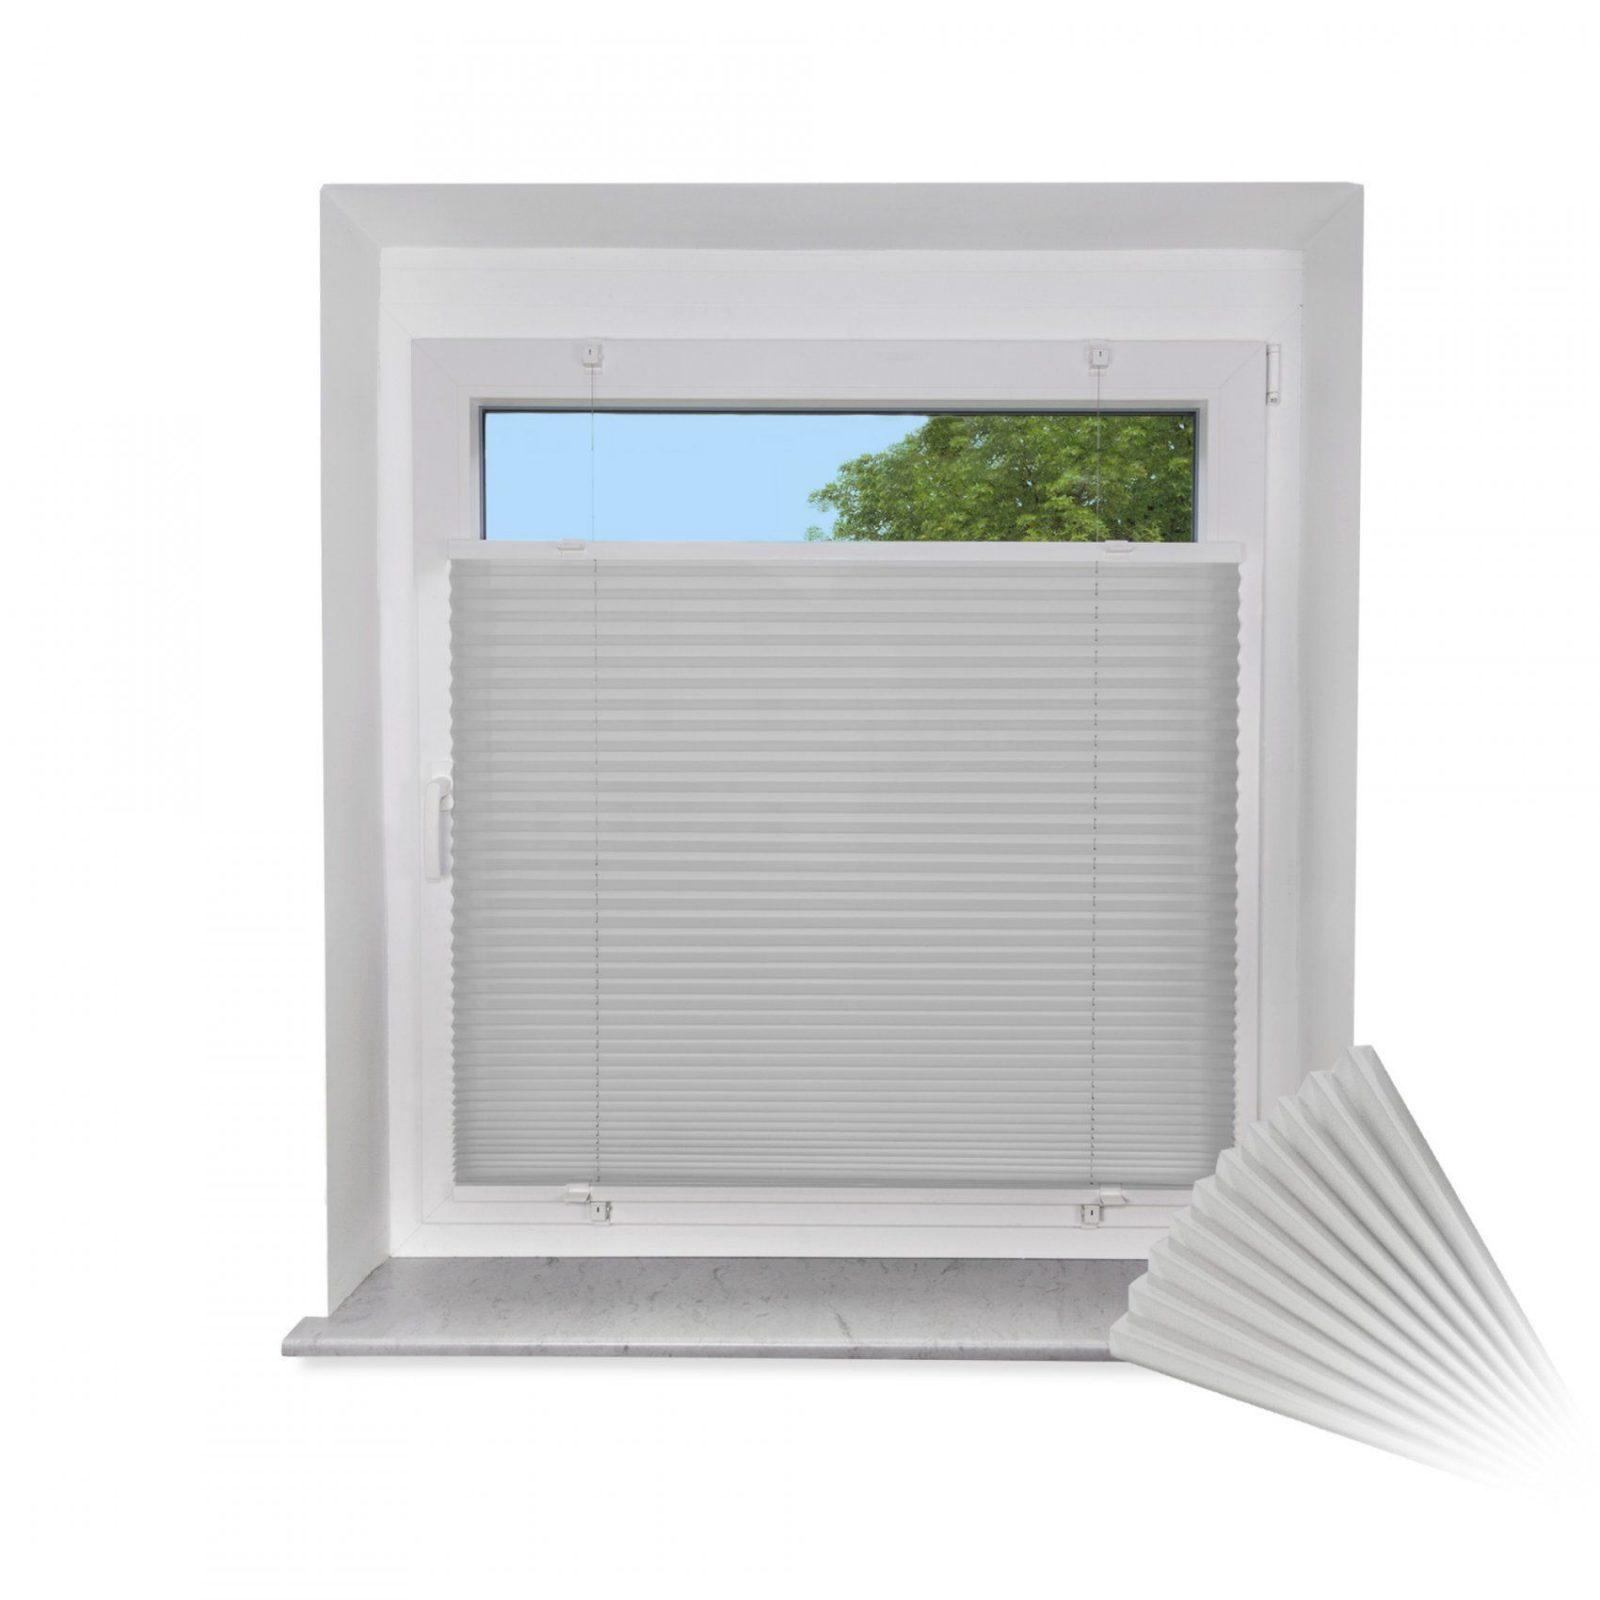 Klemm Jalousien Für Fenster Innen Tt49 – Hitoiro von Rollo Ins Fenster Klemmen Photo